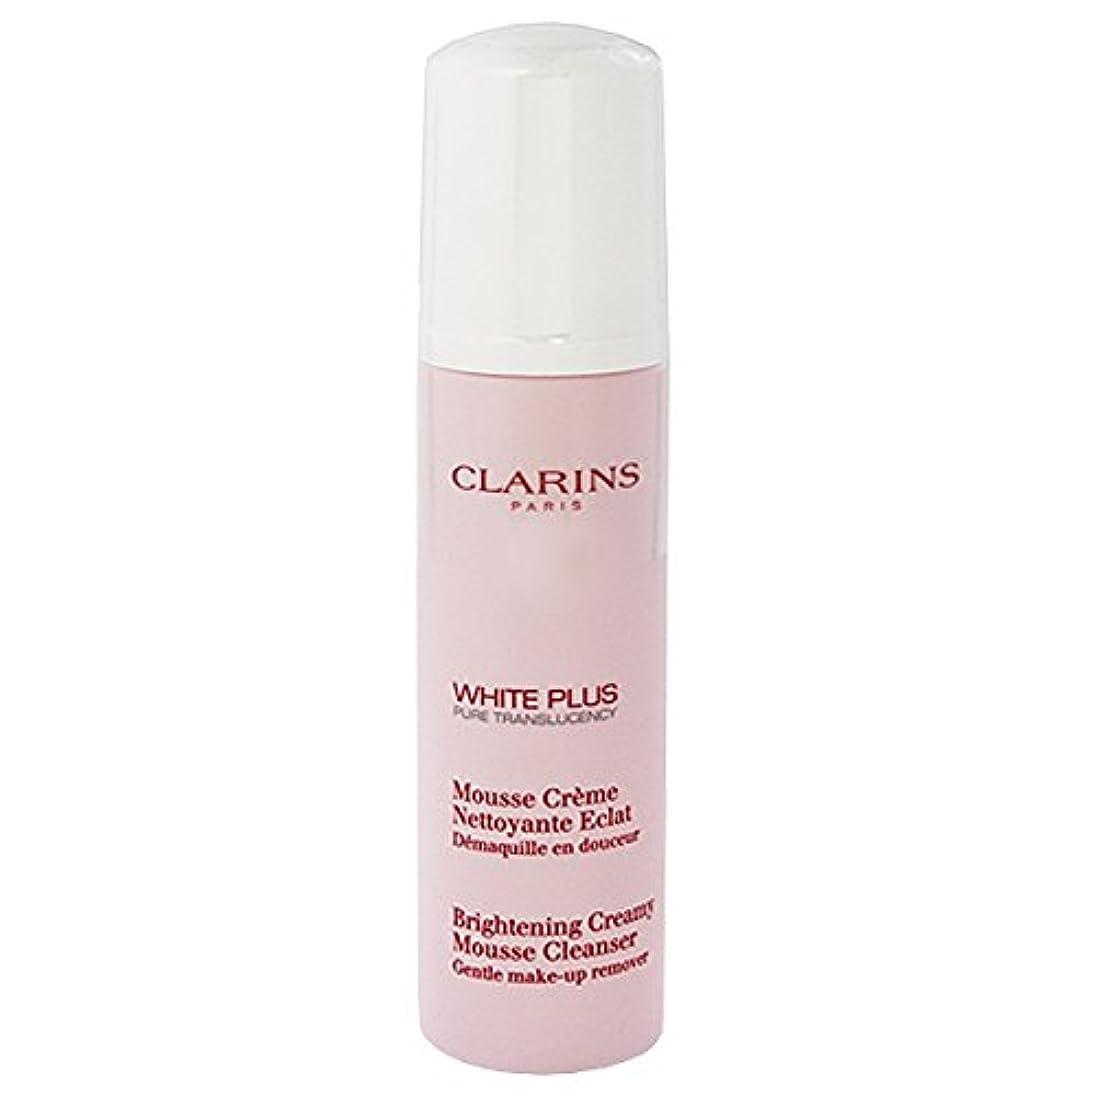 防水以内に変形クラランス CLARINS ホワイト-プラス ブライト クレンザー 150ml [並行輸入品]